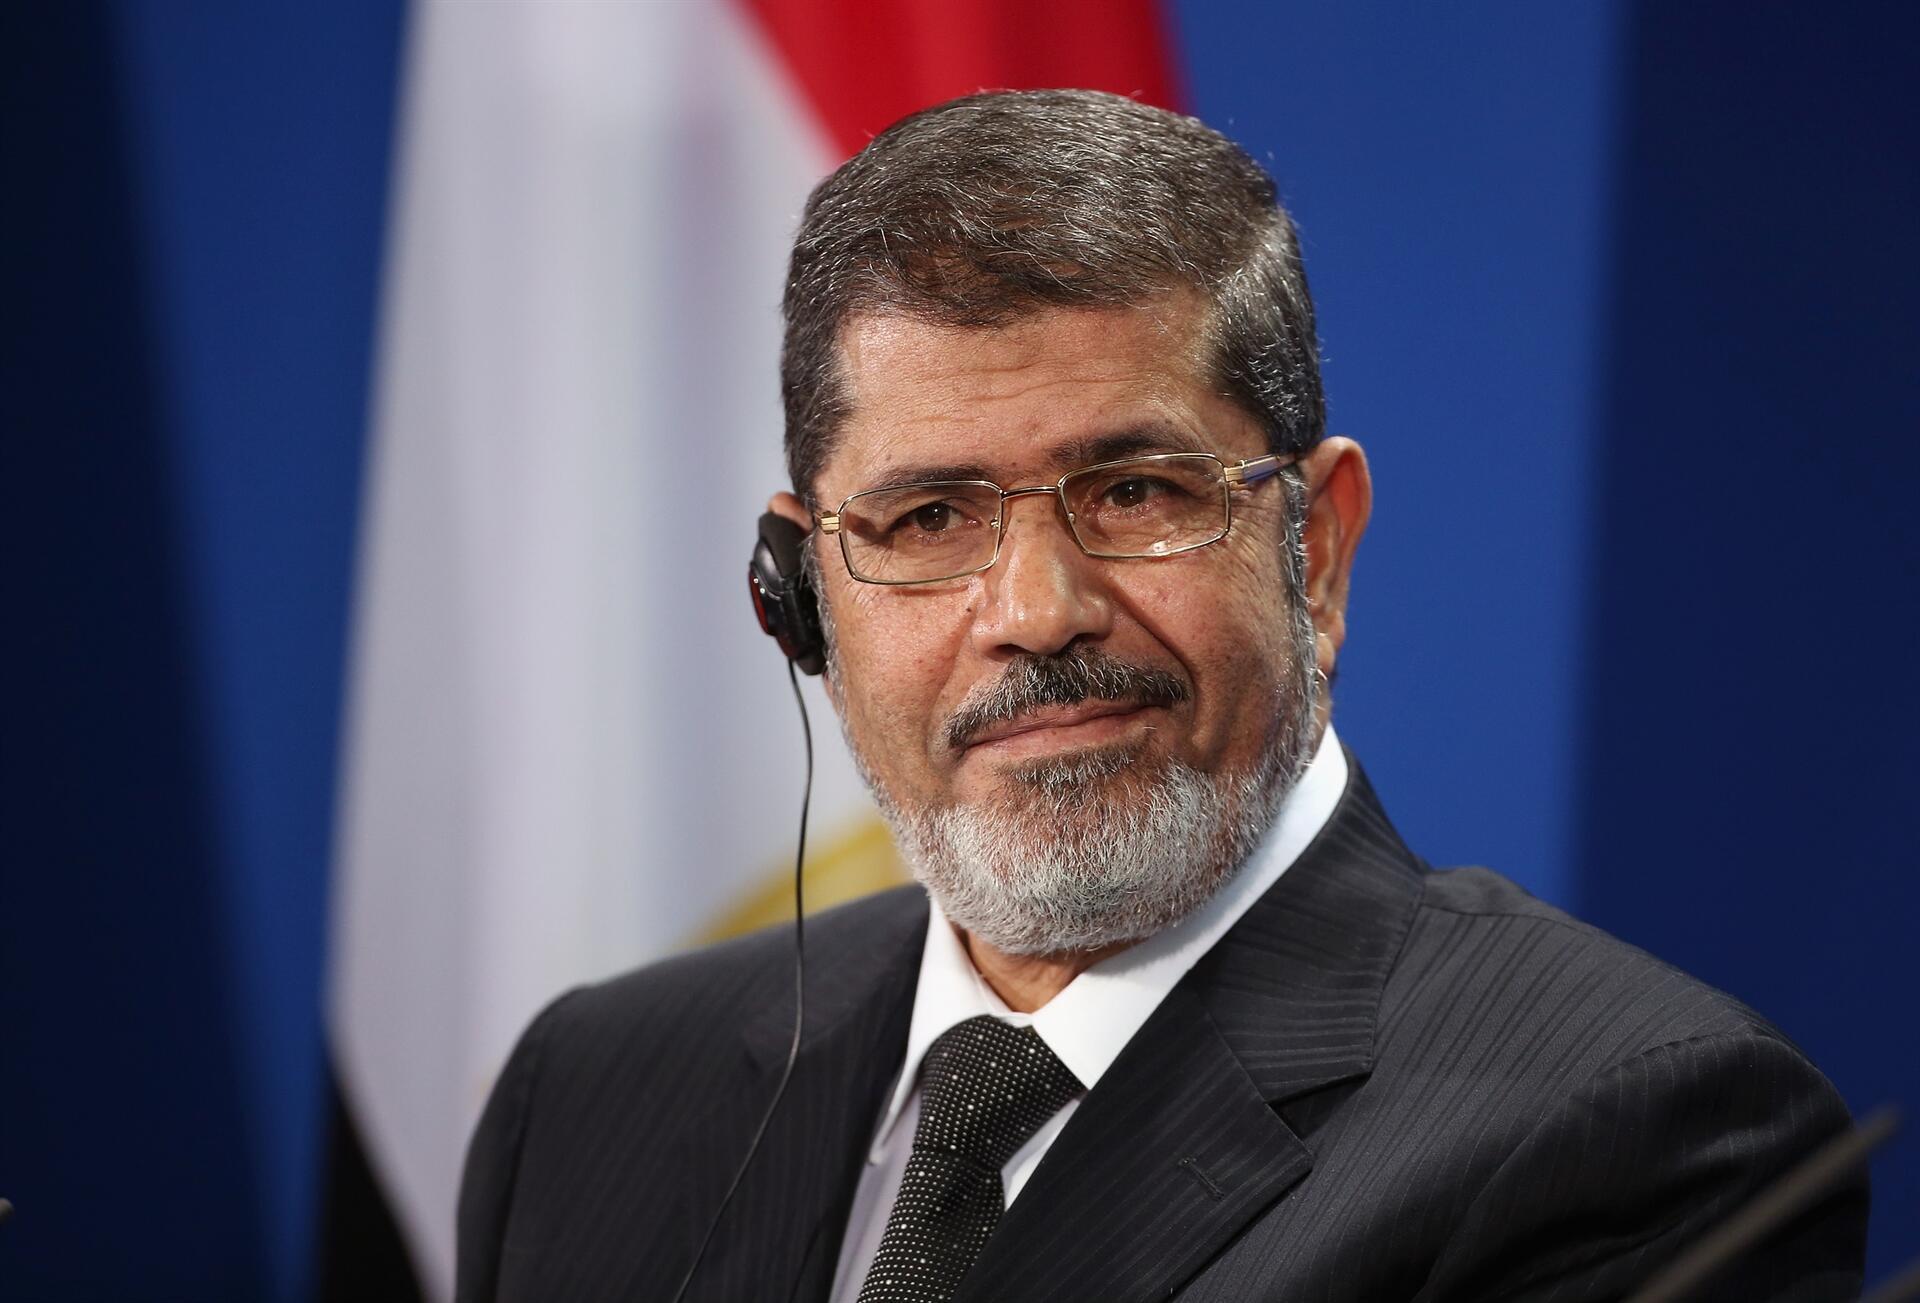 Mısır'dan BM'ye 'Mursi'nin ölümünü siyasallaştırma' suçlaması